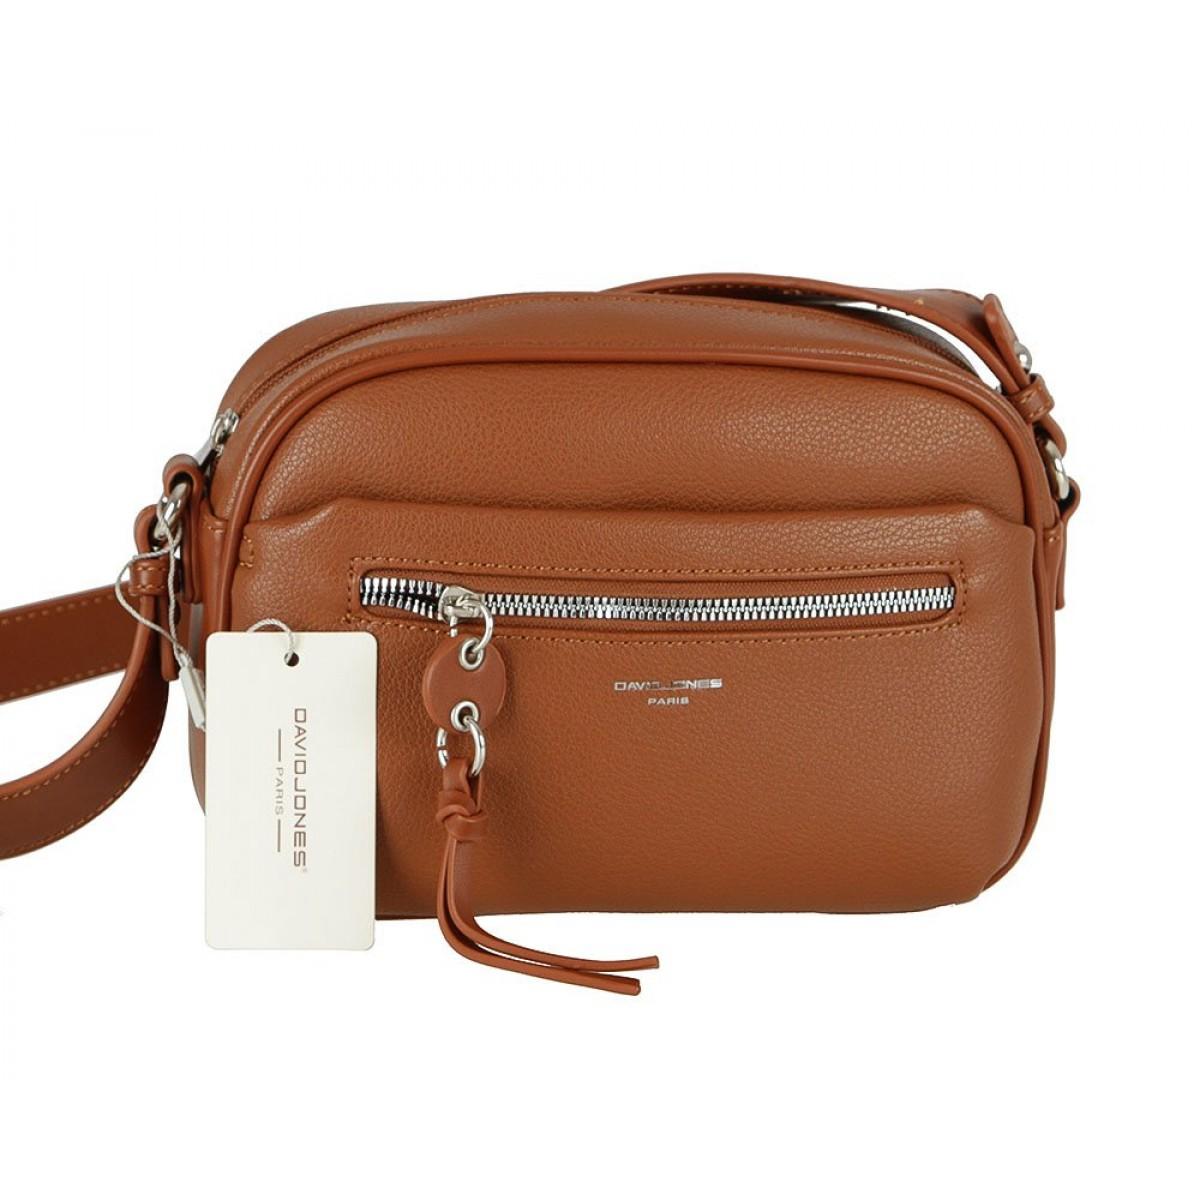 Жіноча сумка David Jones 6418-1 COGNAC